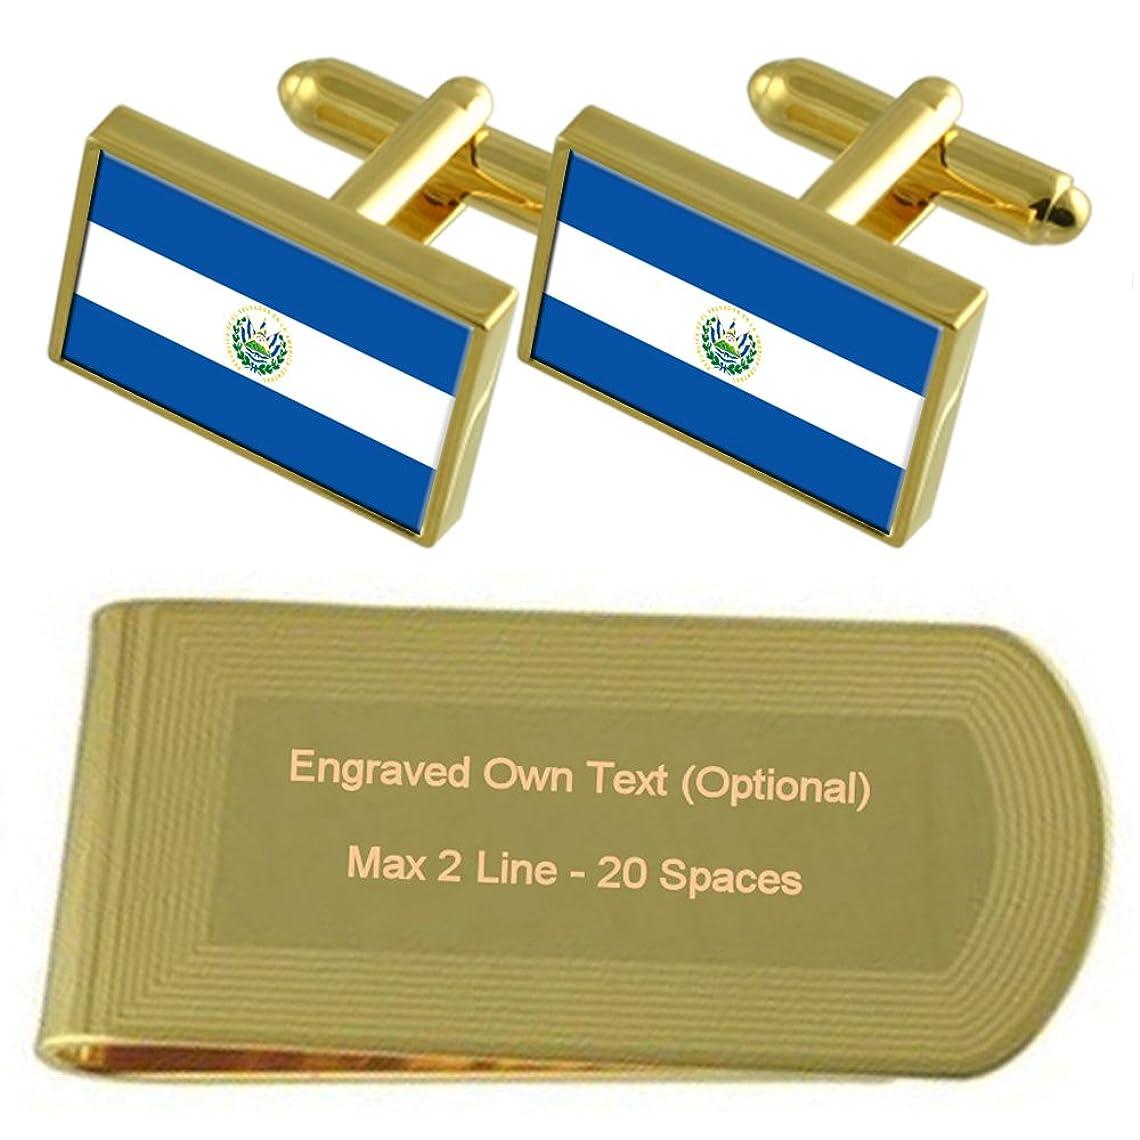 電卓フライト研究所エルサルバドルの国旗のゴールド?トーン カフスボタン お金クリップを刻まれたギフトセット